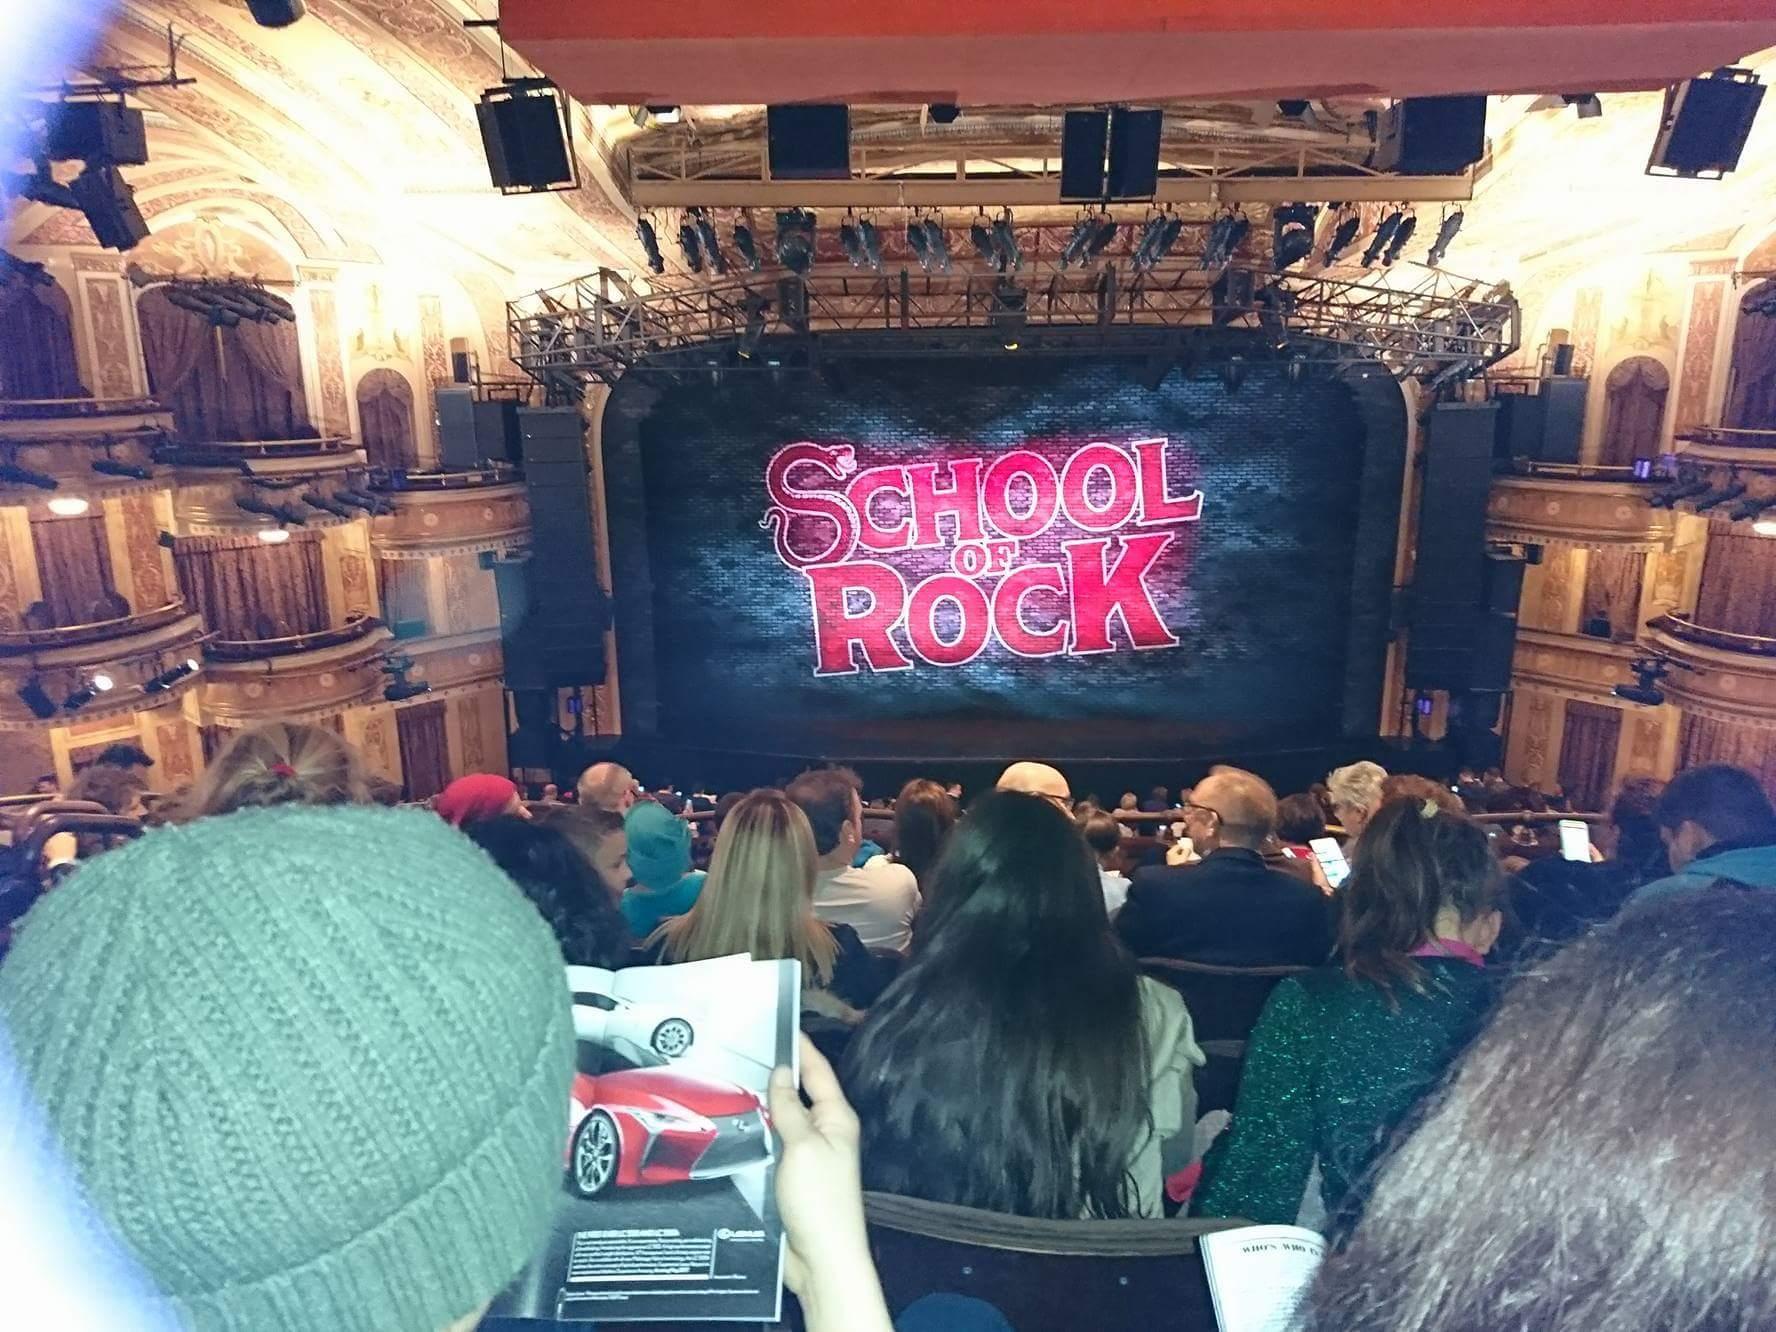 School of Rock, Broadway